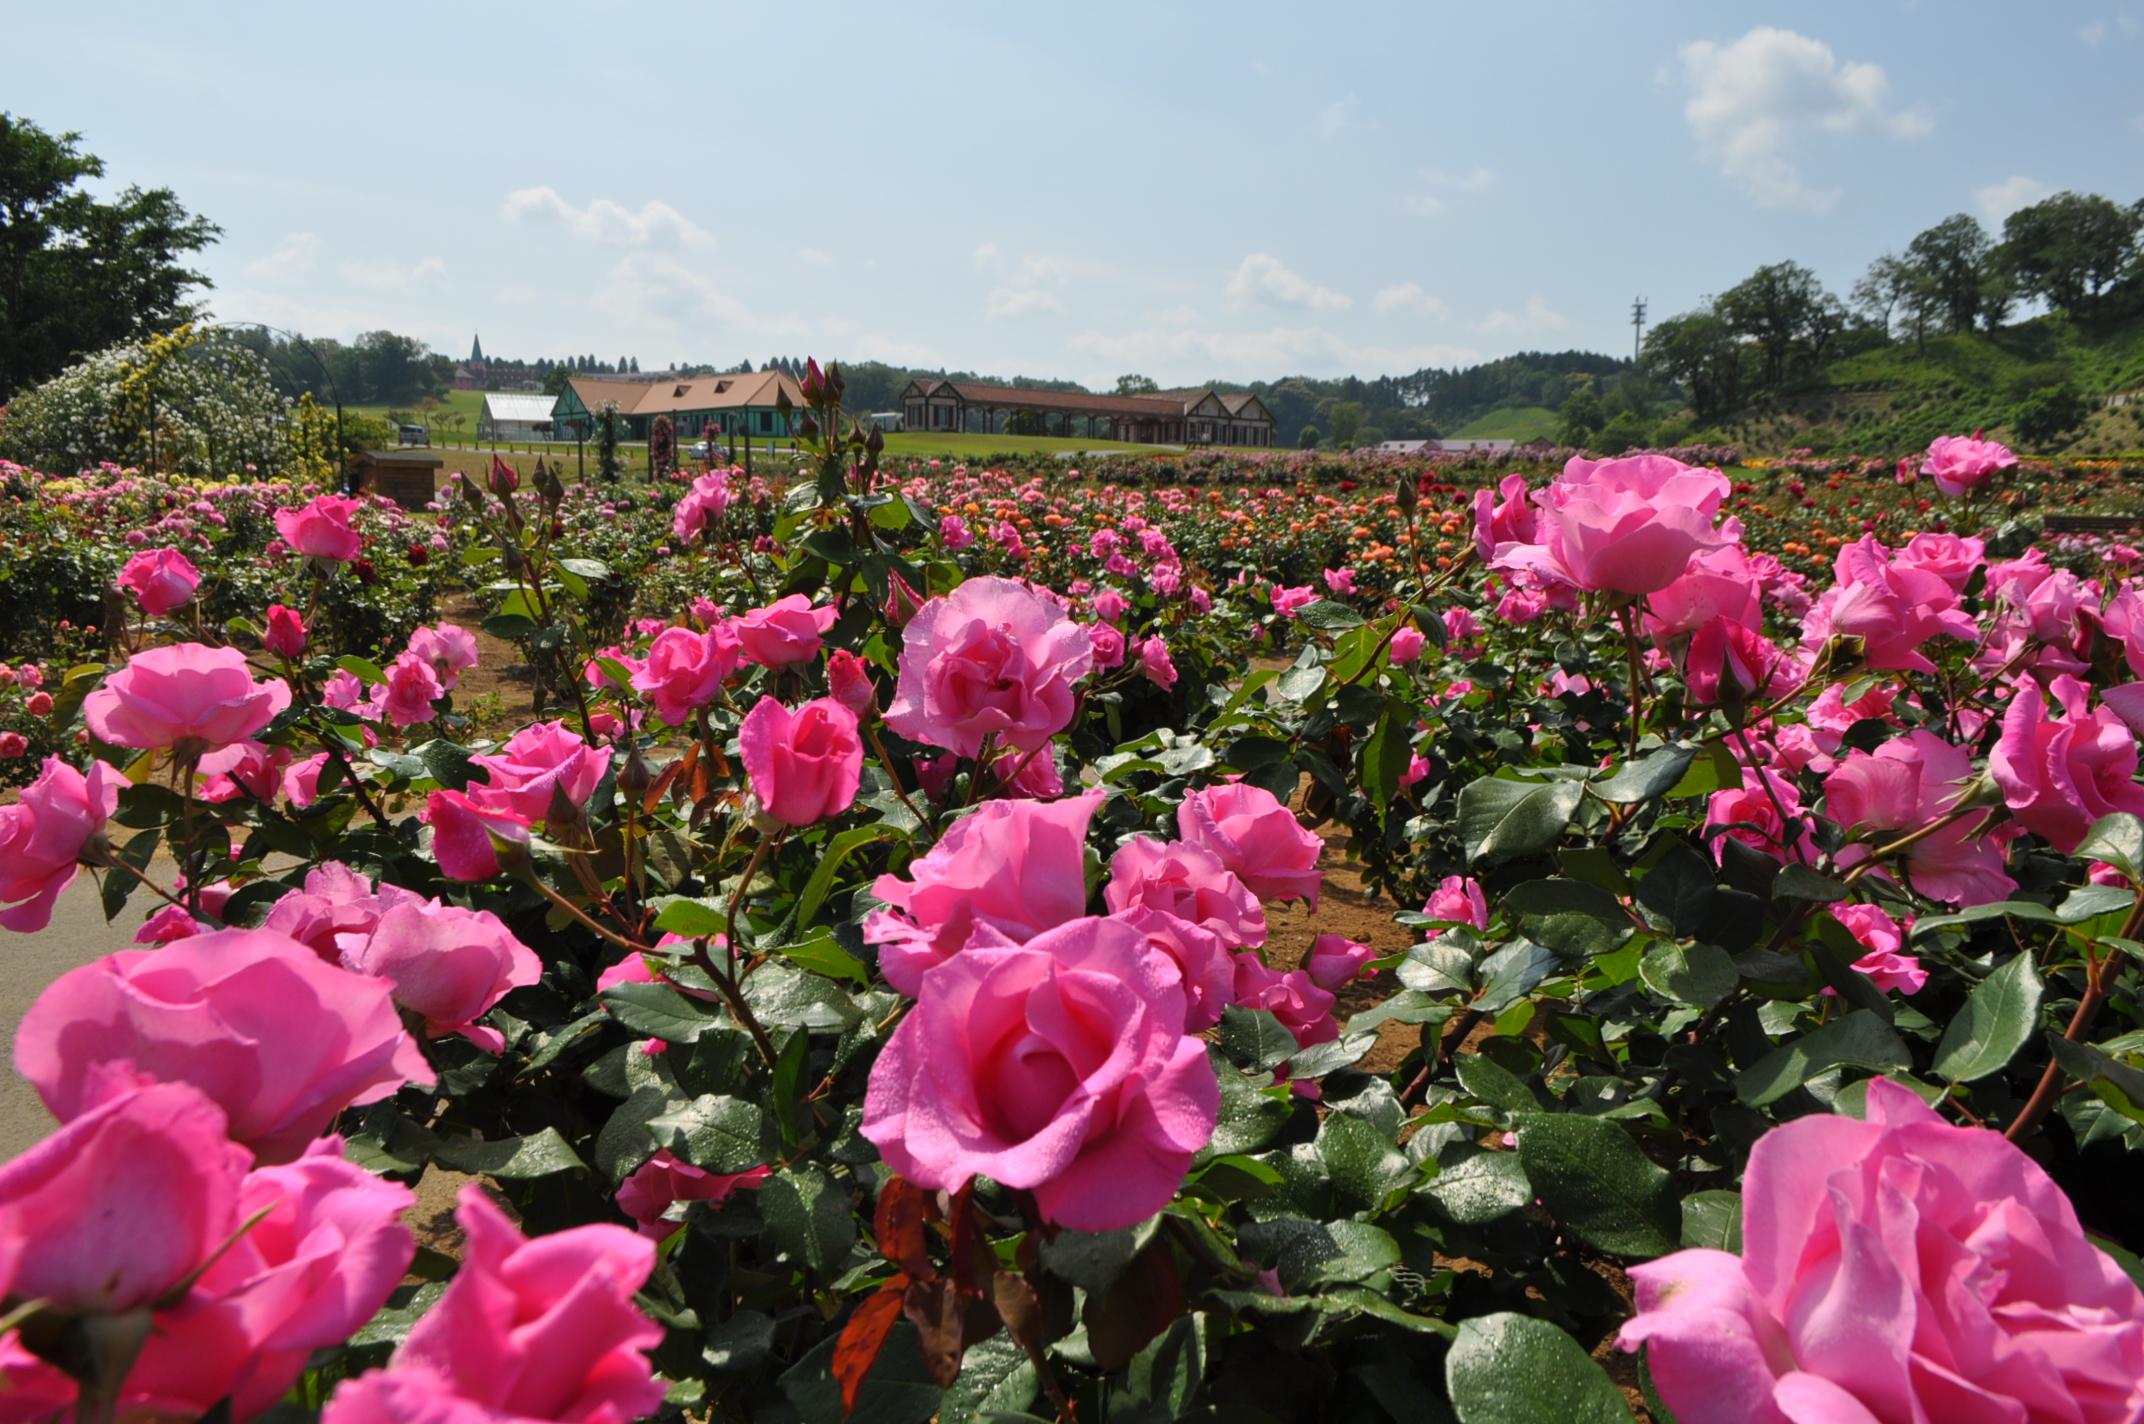 広々とした敷地に咲くバラとドイツ風の建物(カフェテリアなどとして利用されています)。ちょっとした旅行気分に浸れそうですね。